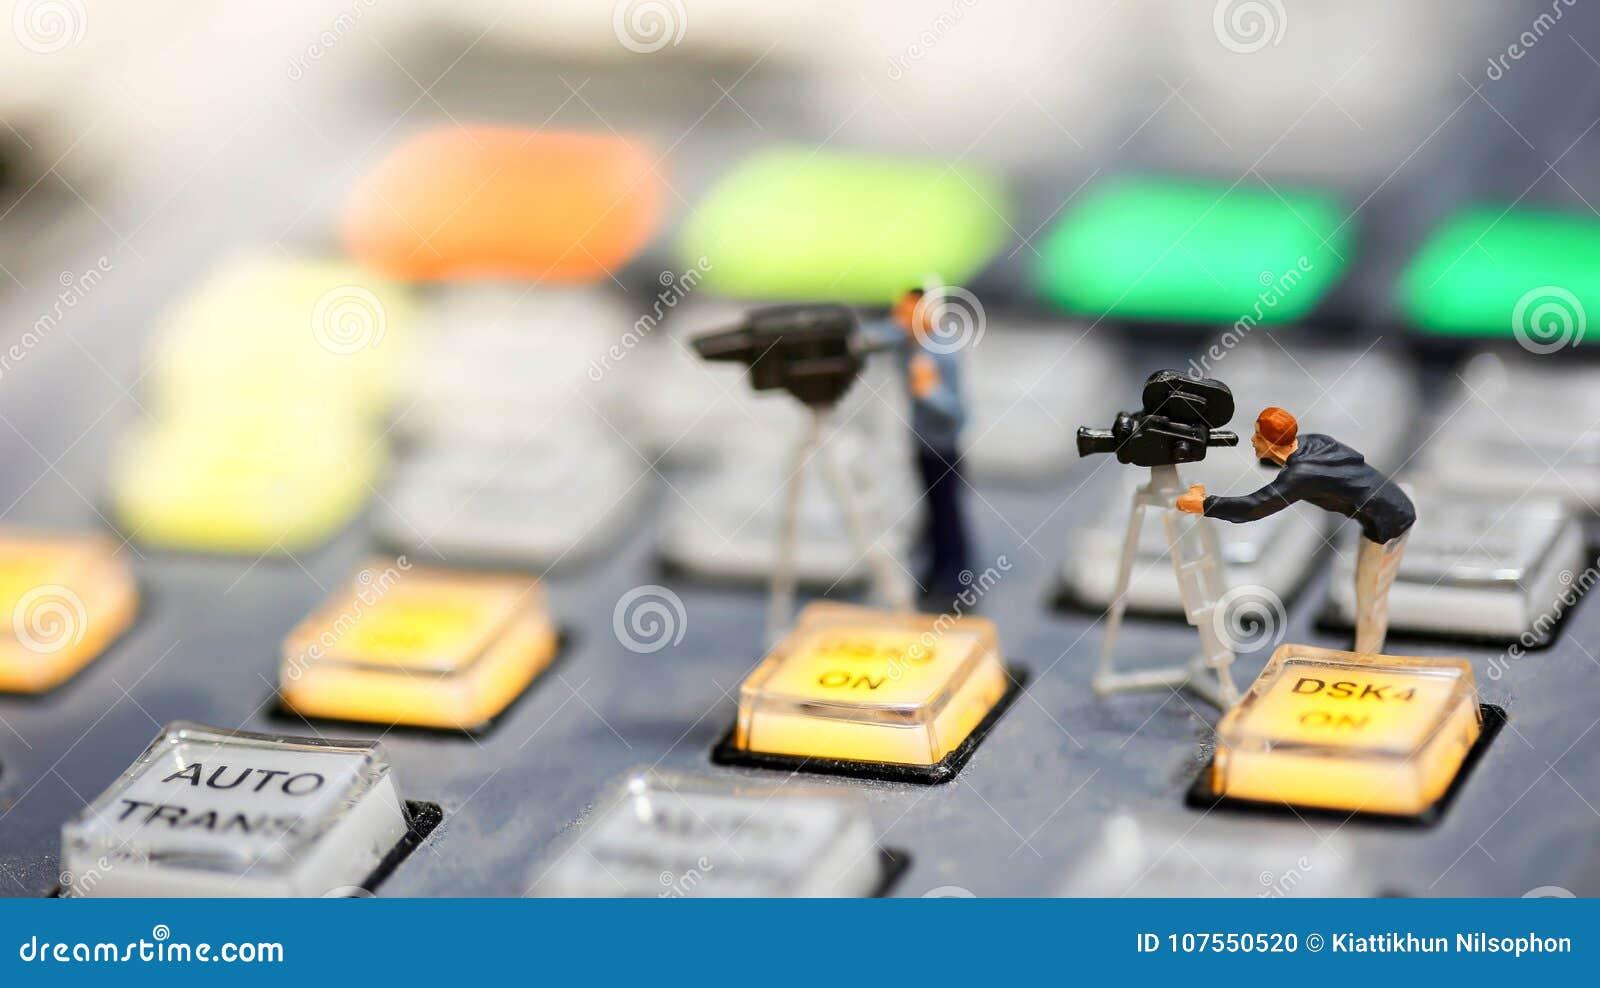 Miniaturleute: Journalisten, Kameramann, Videographer bei der Arbeit